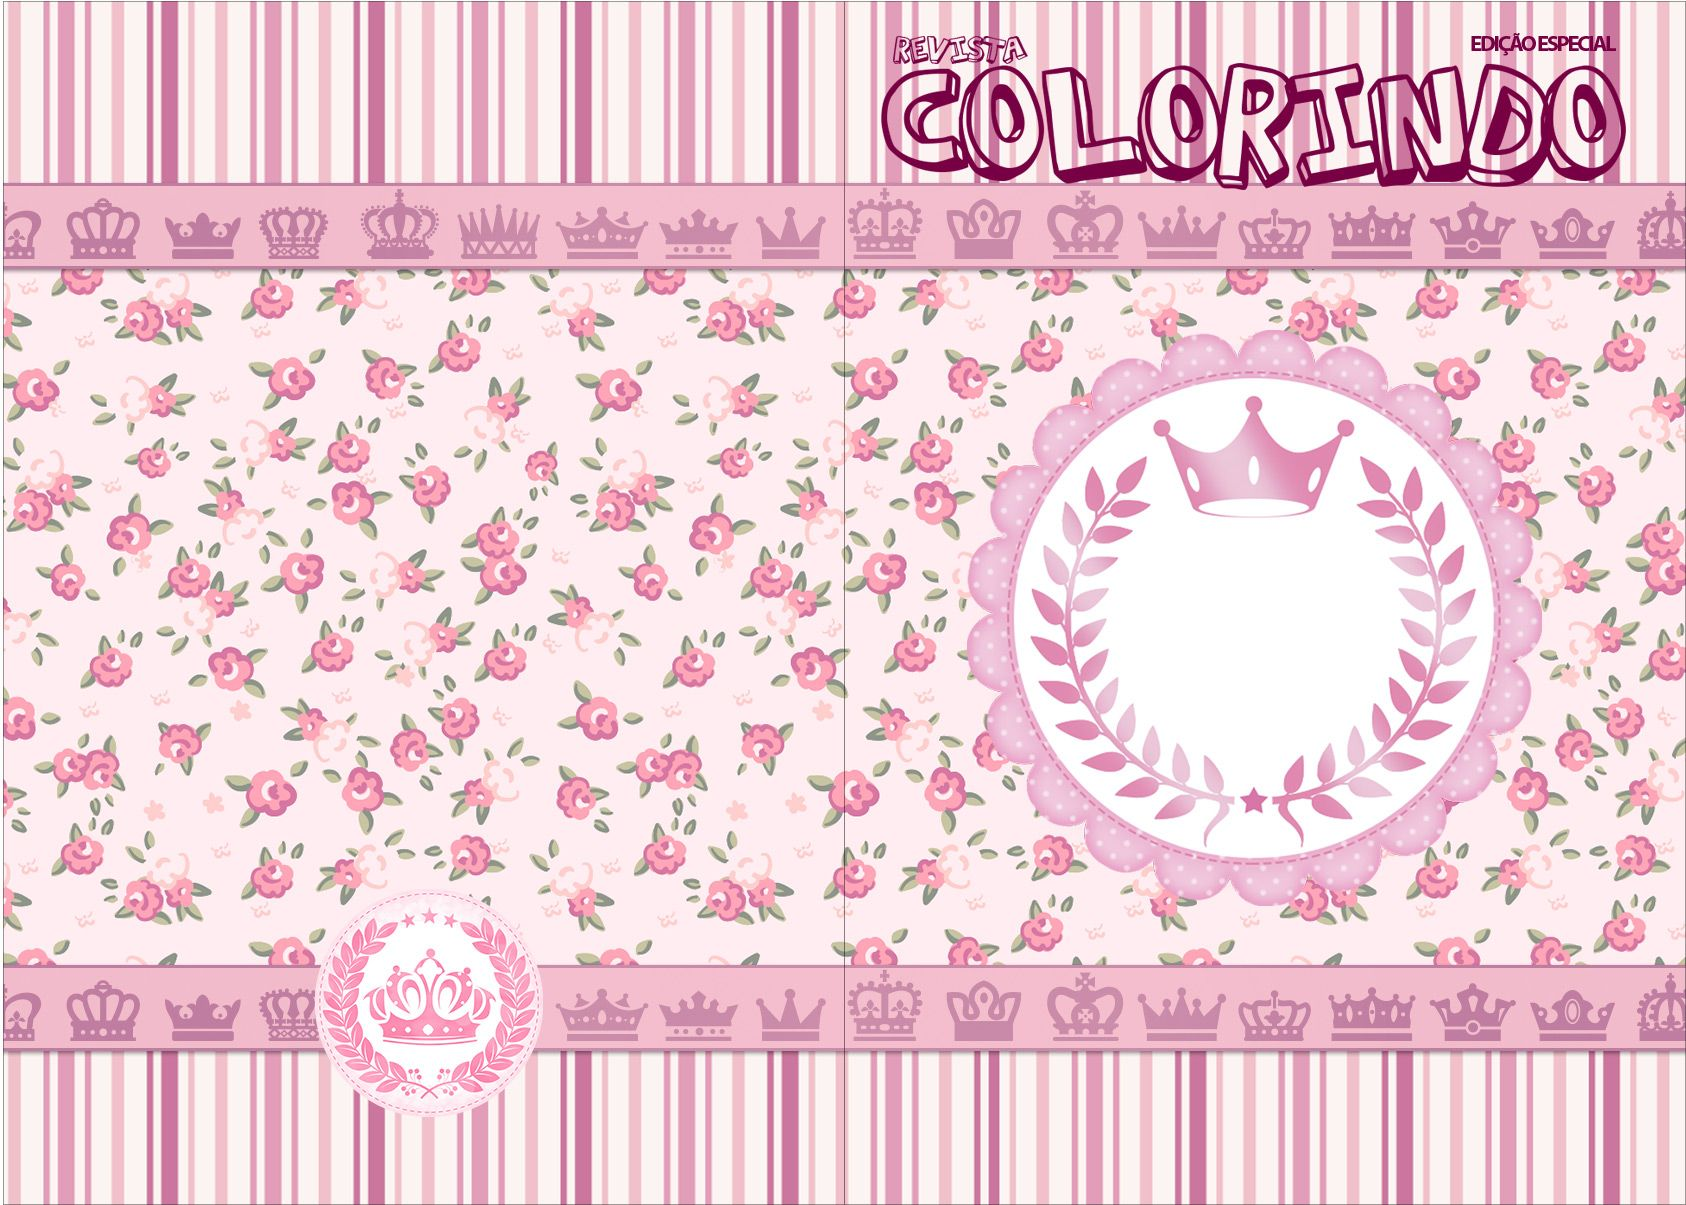 Coroa De Princesa Desenho: Revista Colorindo Coroa De Princesa Rosa Floral